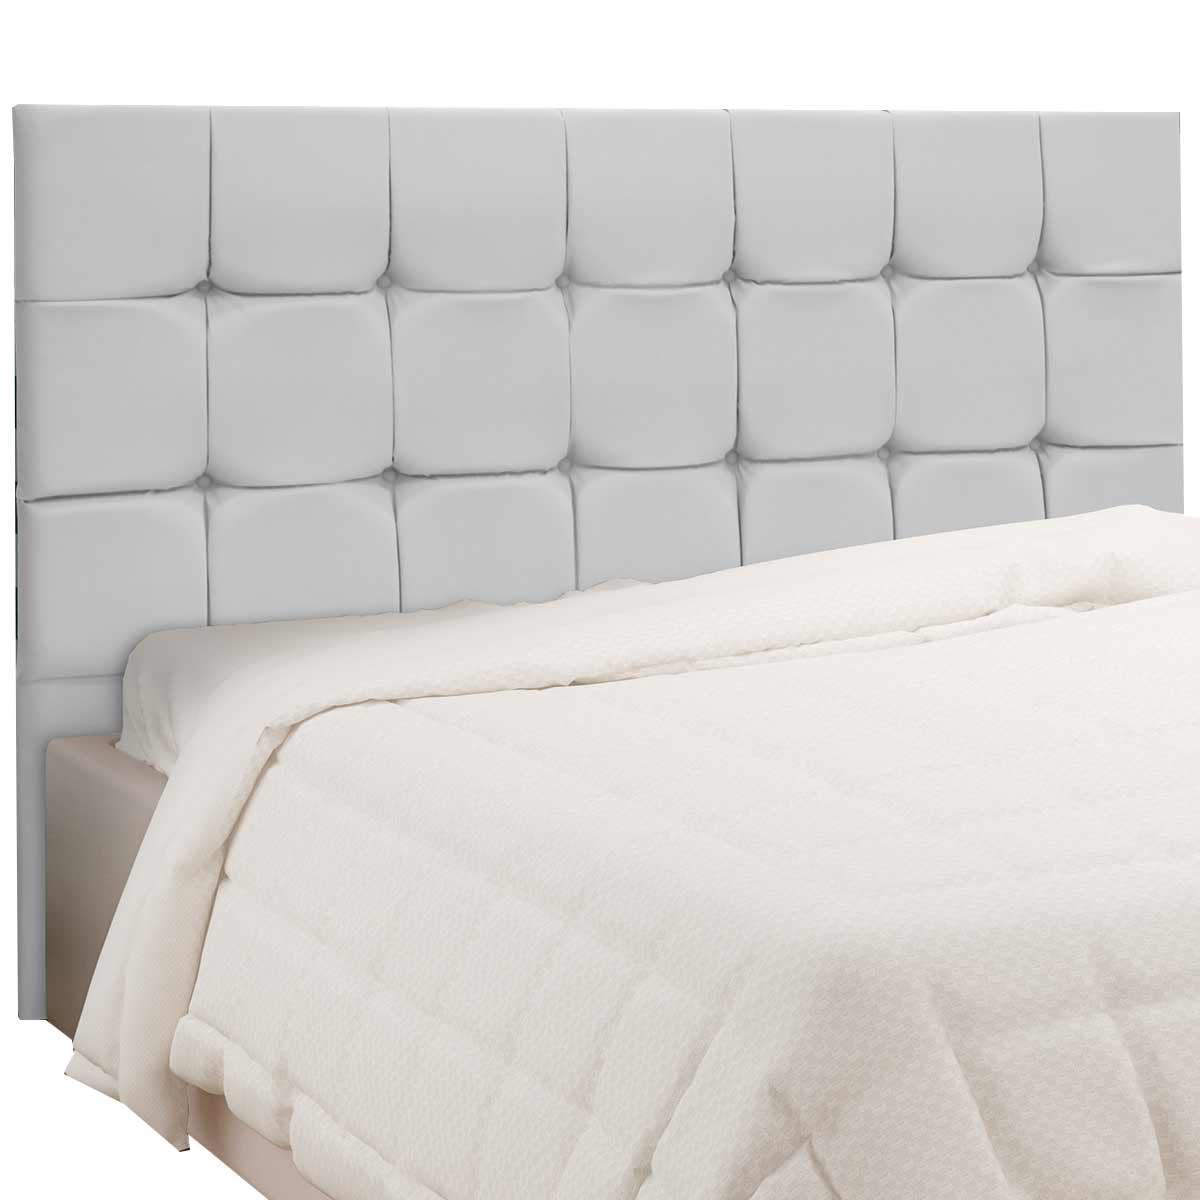 Cabeceira Solteiro Estofada Slim 90 cm CouroRios Branco